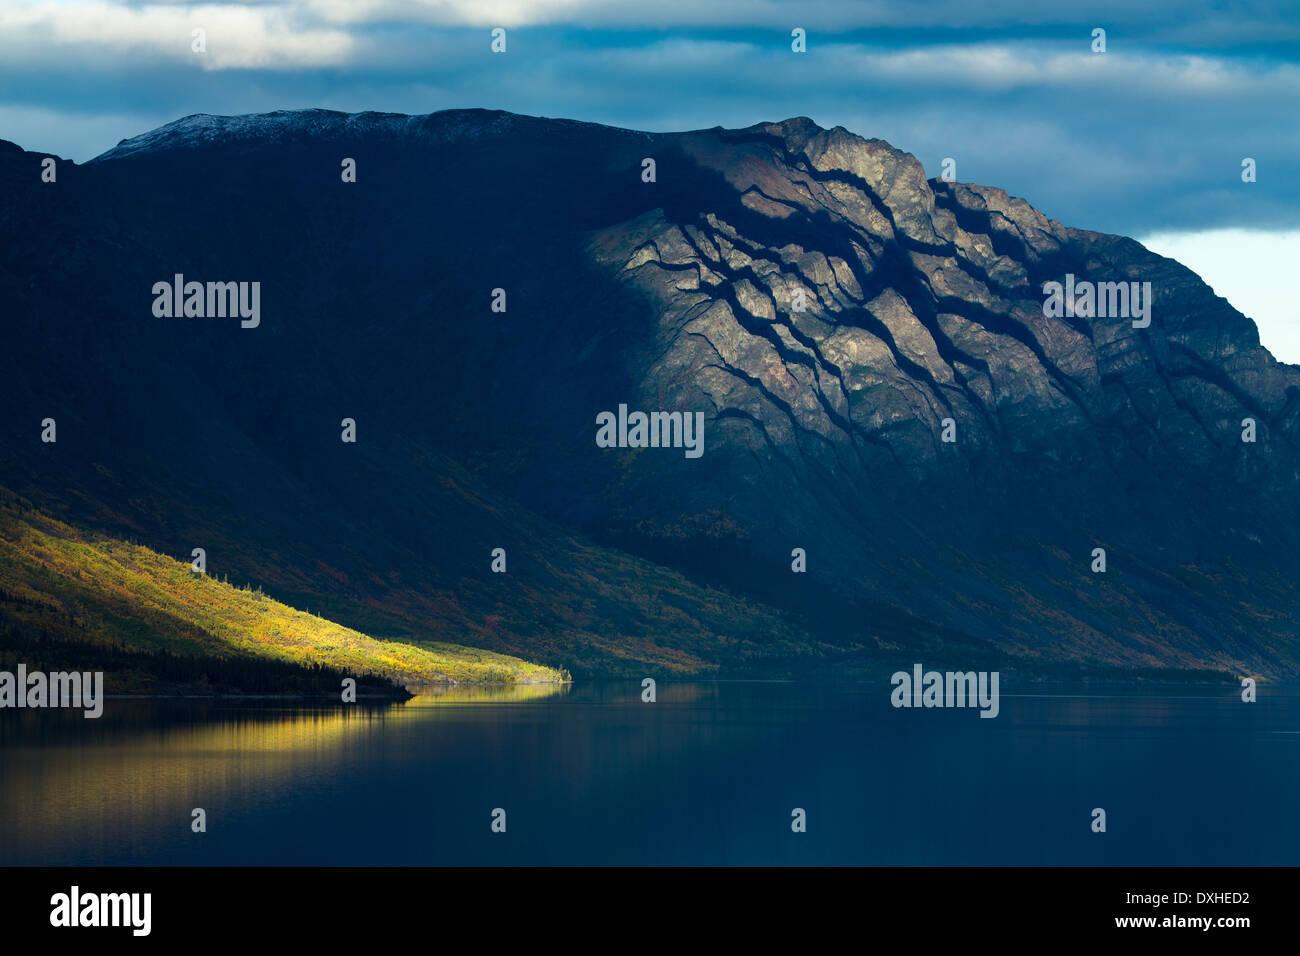 eine späte Welle des Sonnenlichts auf Tutshi Lake, British Columbia, Kanada Stockbild